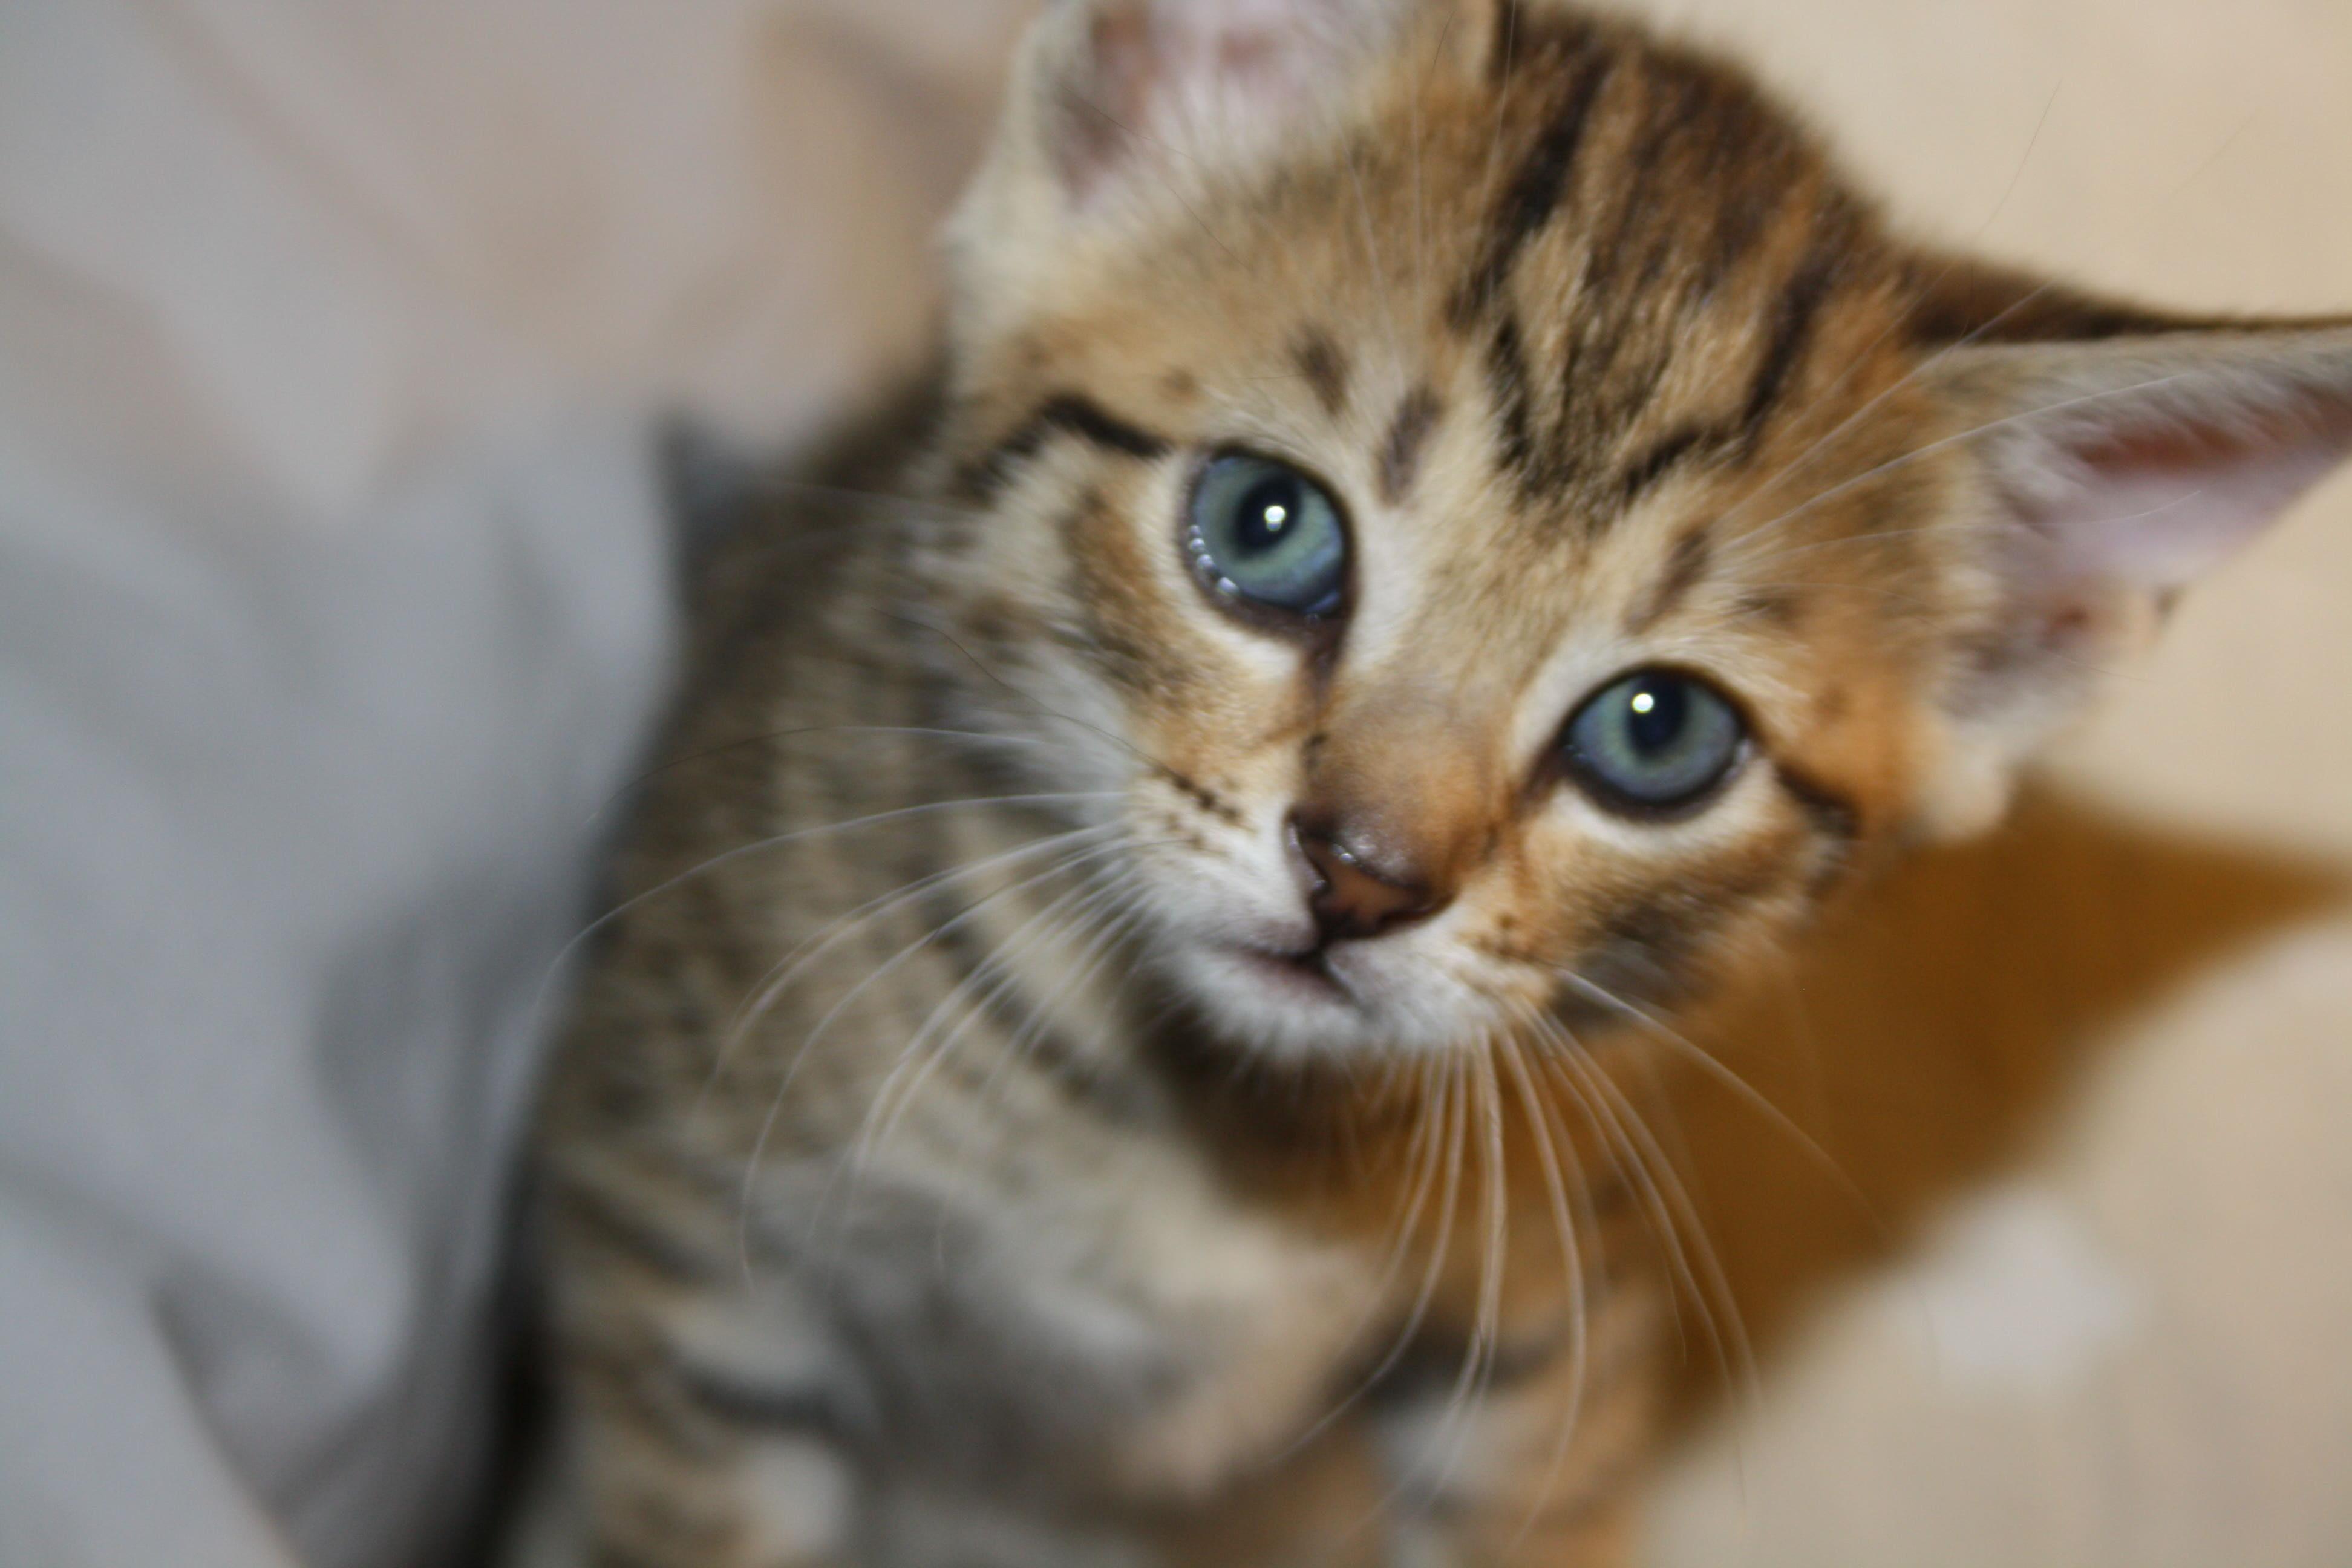 Cute Kitten Wallpaper Free Kittens Wallpapers Hd Desktop Wallpapers 4k Hd